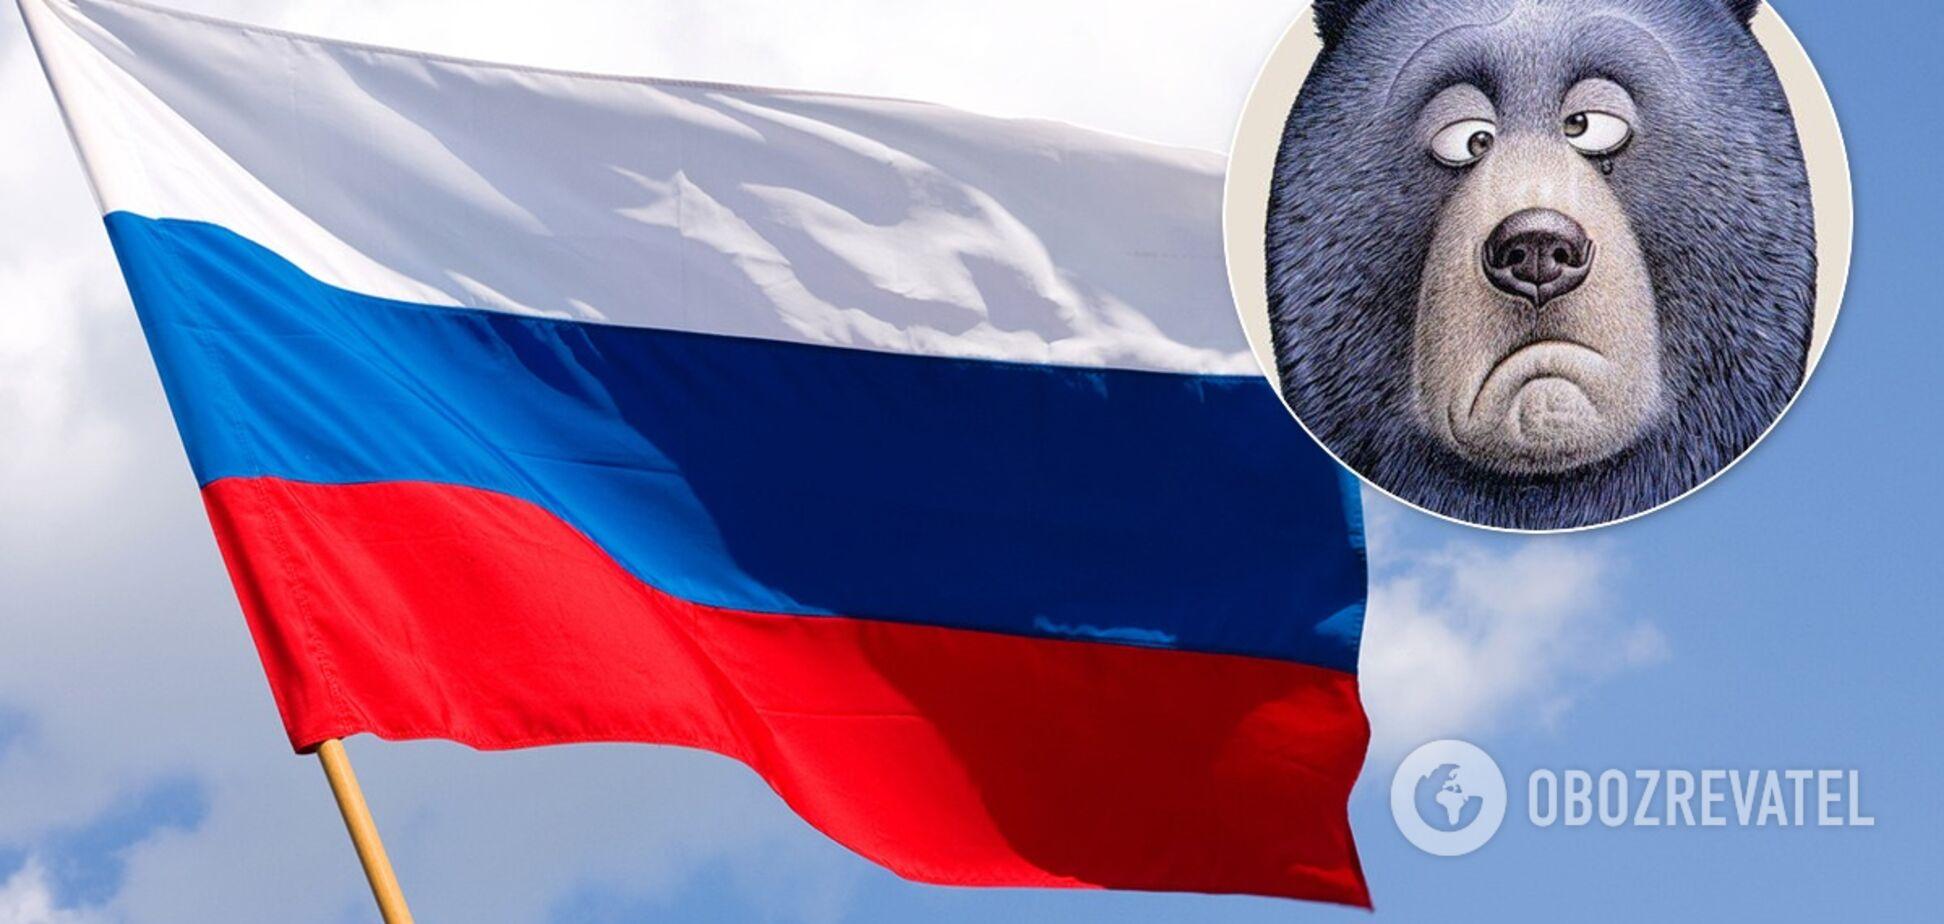 Россия оказалась на 154 месте в индексе миролюбия, между Суданом и ЦАР